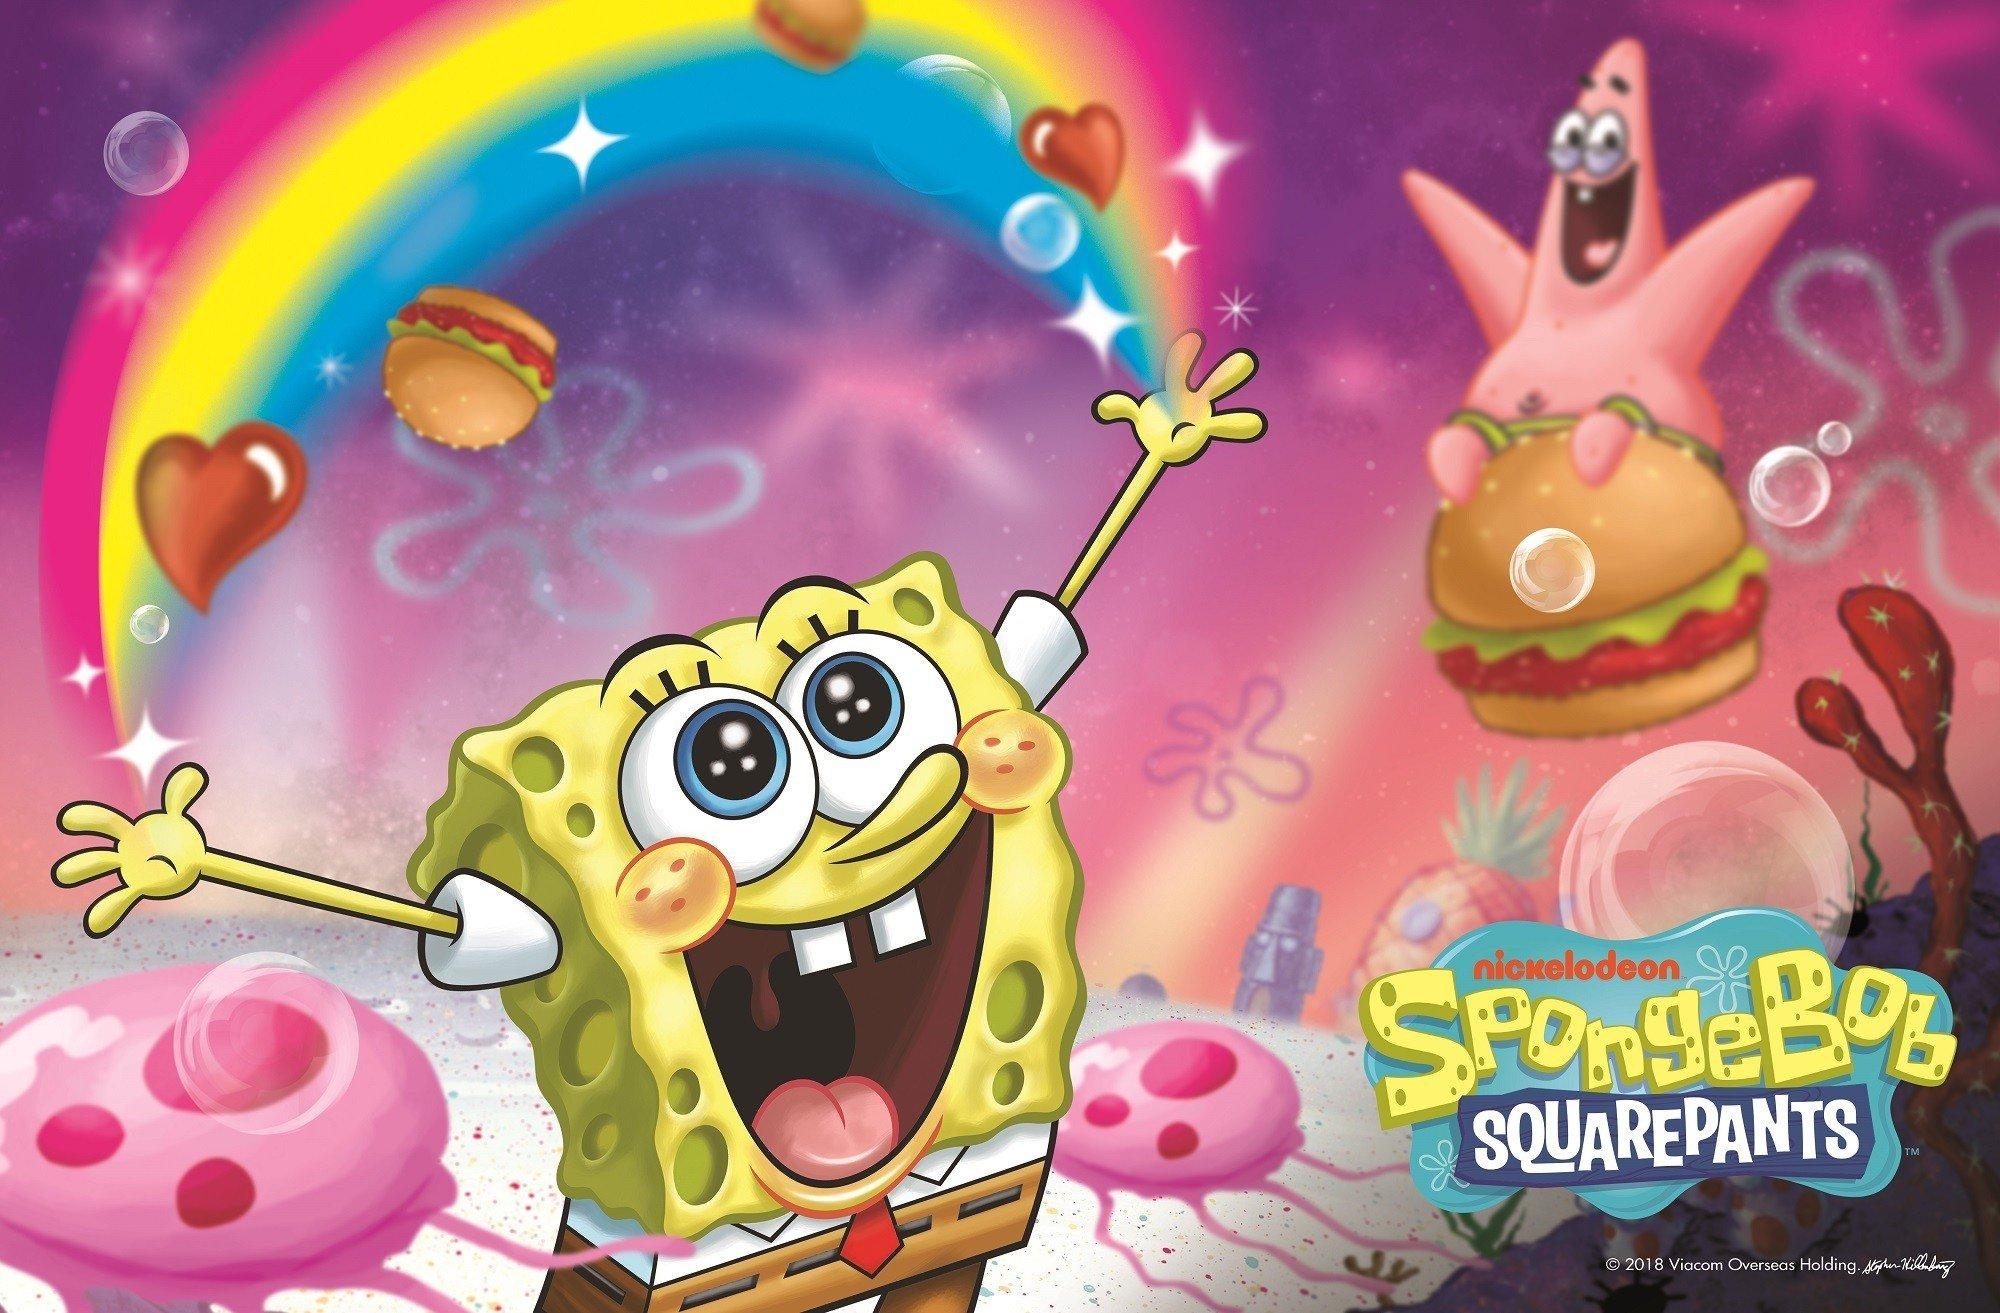 Yeah1 Network lồng tiếng và phát hành độc quyền chương trình thiếu nhi của Nickelodeon